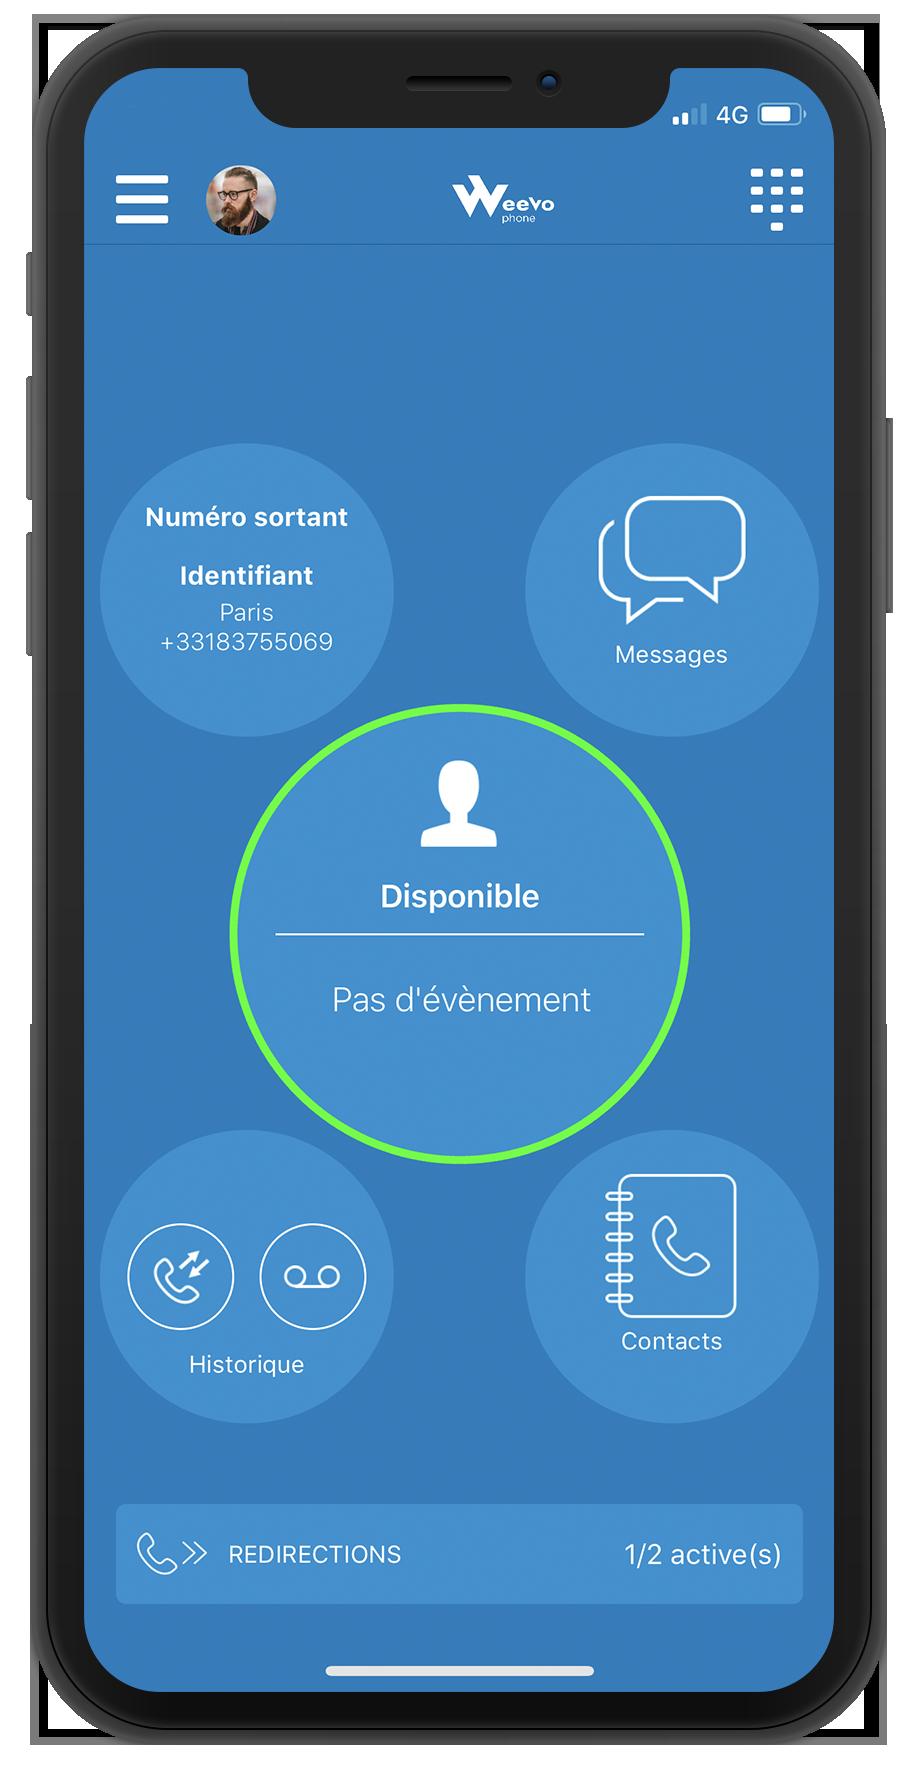 Accueil softphone mobile WeeVo Phone